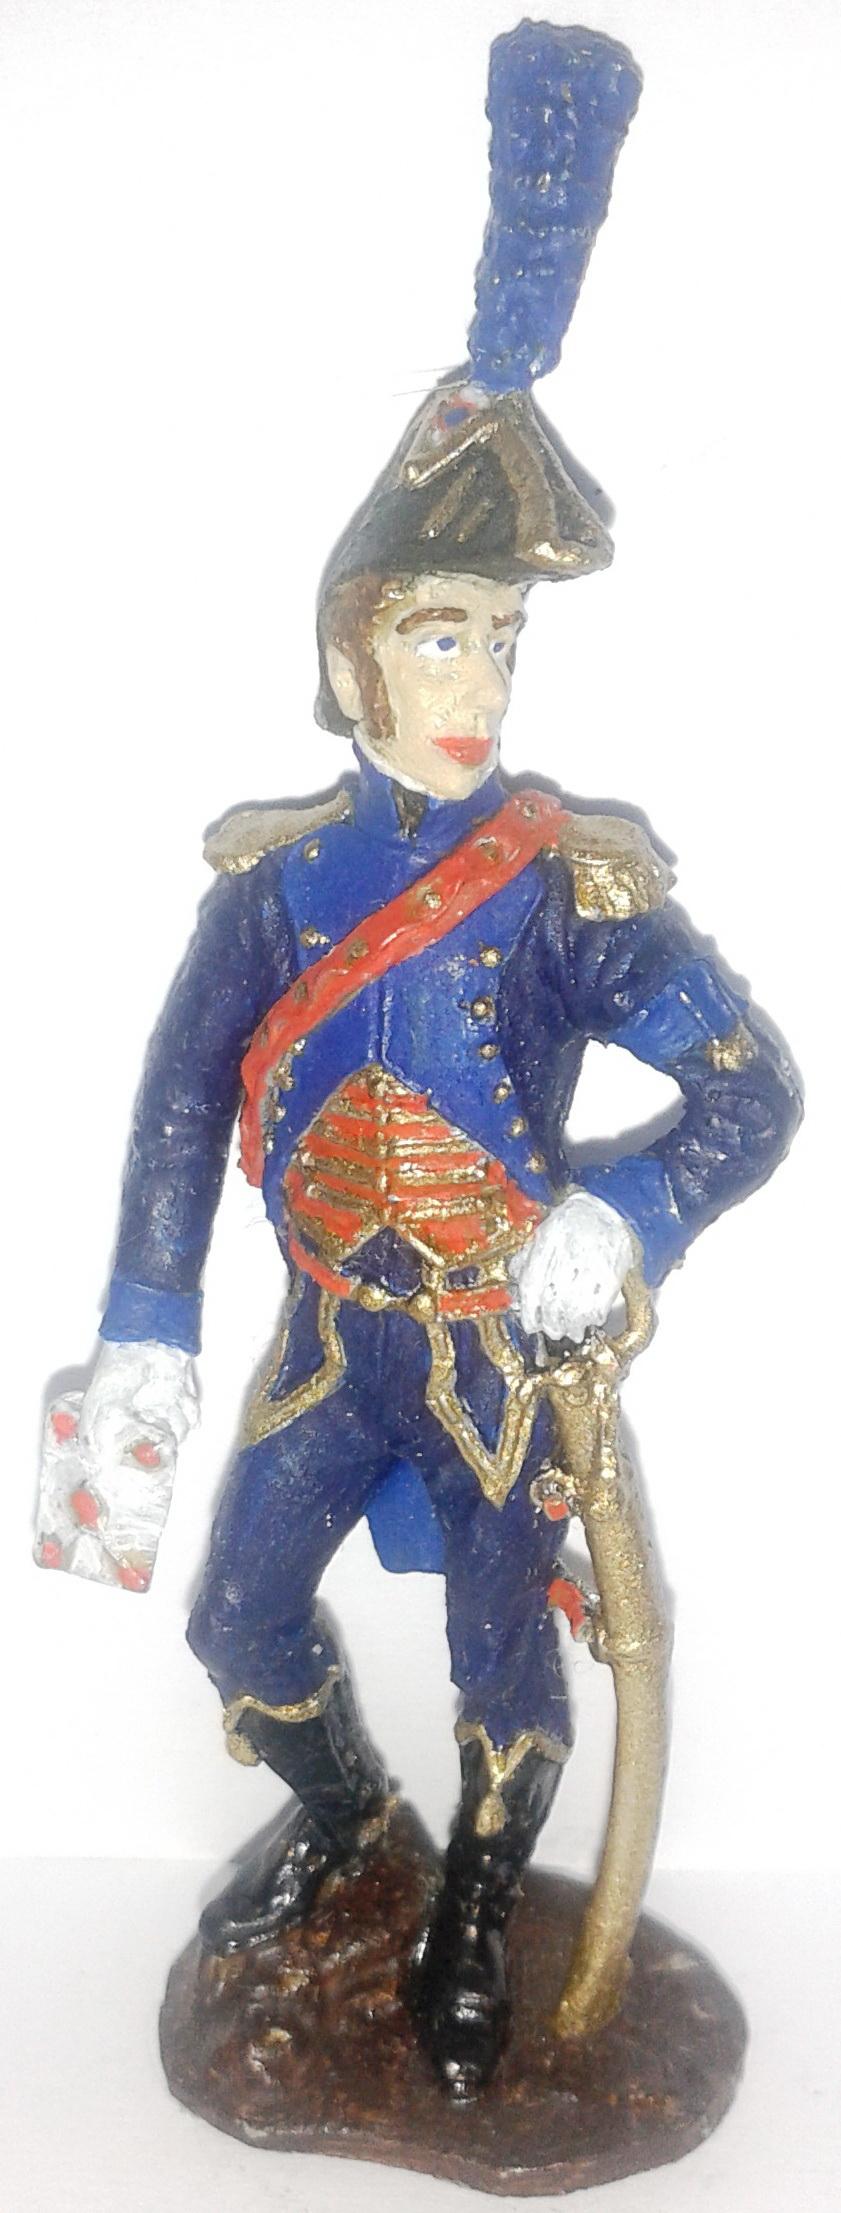 """Історична мініатюра. """"Ад'ютант у парадній формі. Перша Французька імперія. 1804-1815"""""""